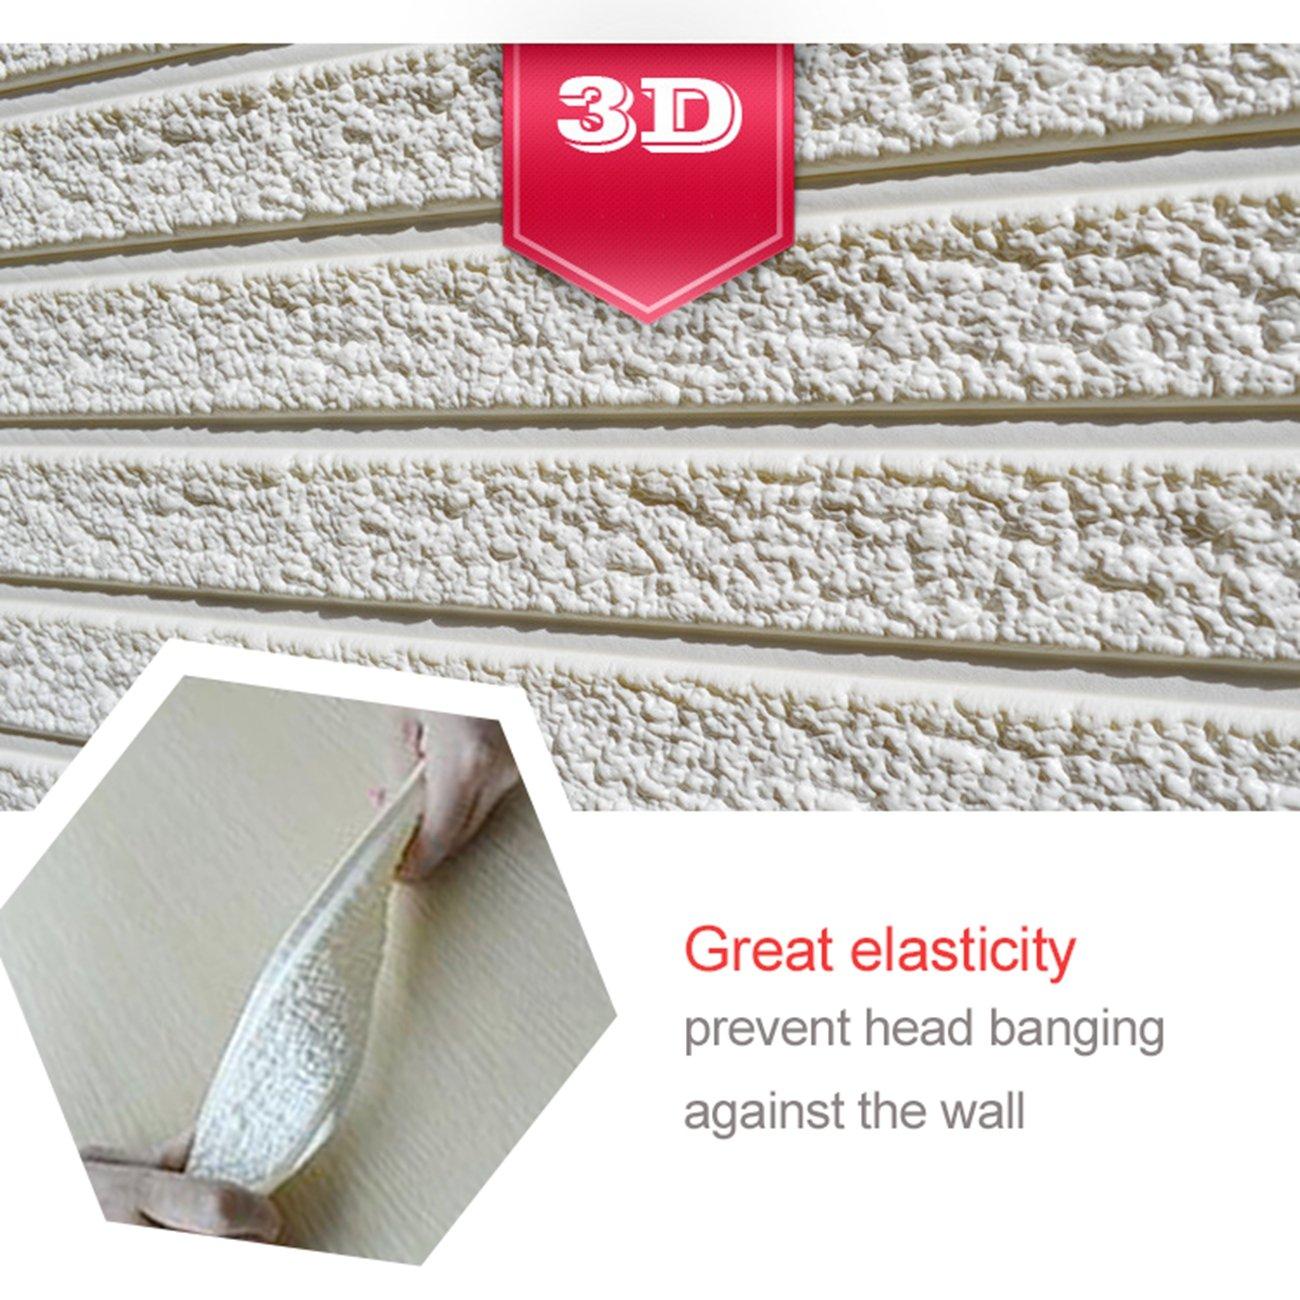 Nouveau Style 5 pi/èces Brique Gris 3D Papier-peint briques autocollant de mur de mousse de PE amovible et de b/âton de PE pour le bureau /à la maison de salon